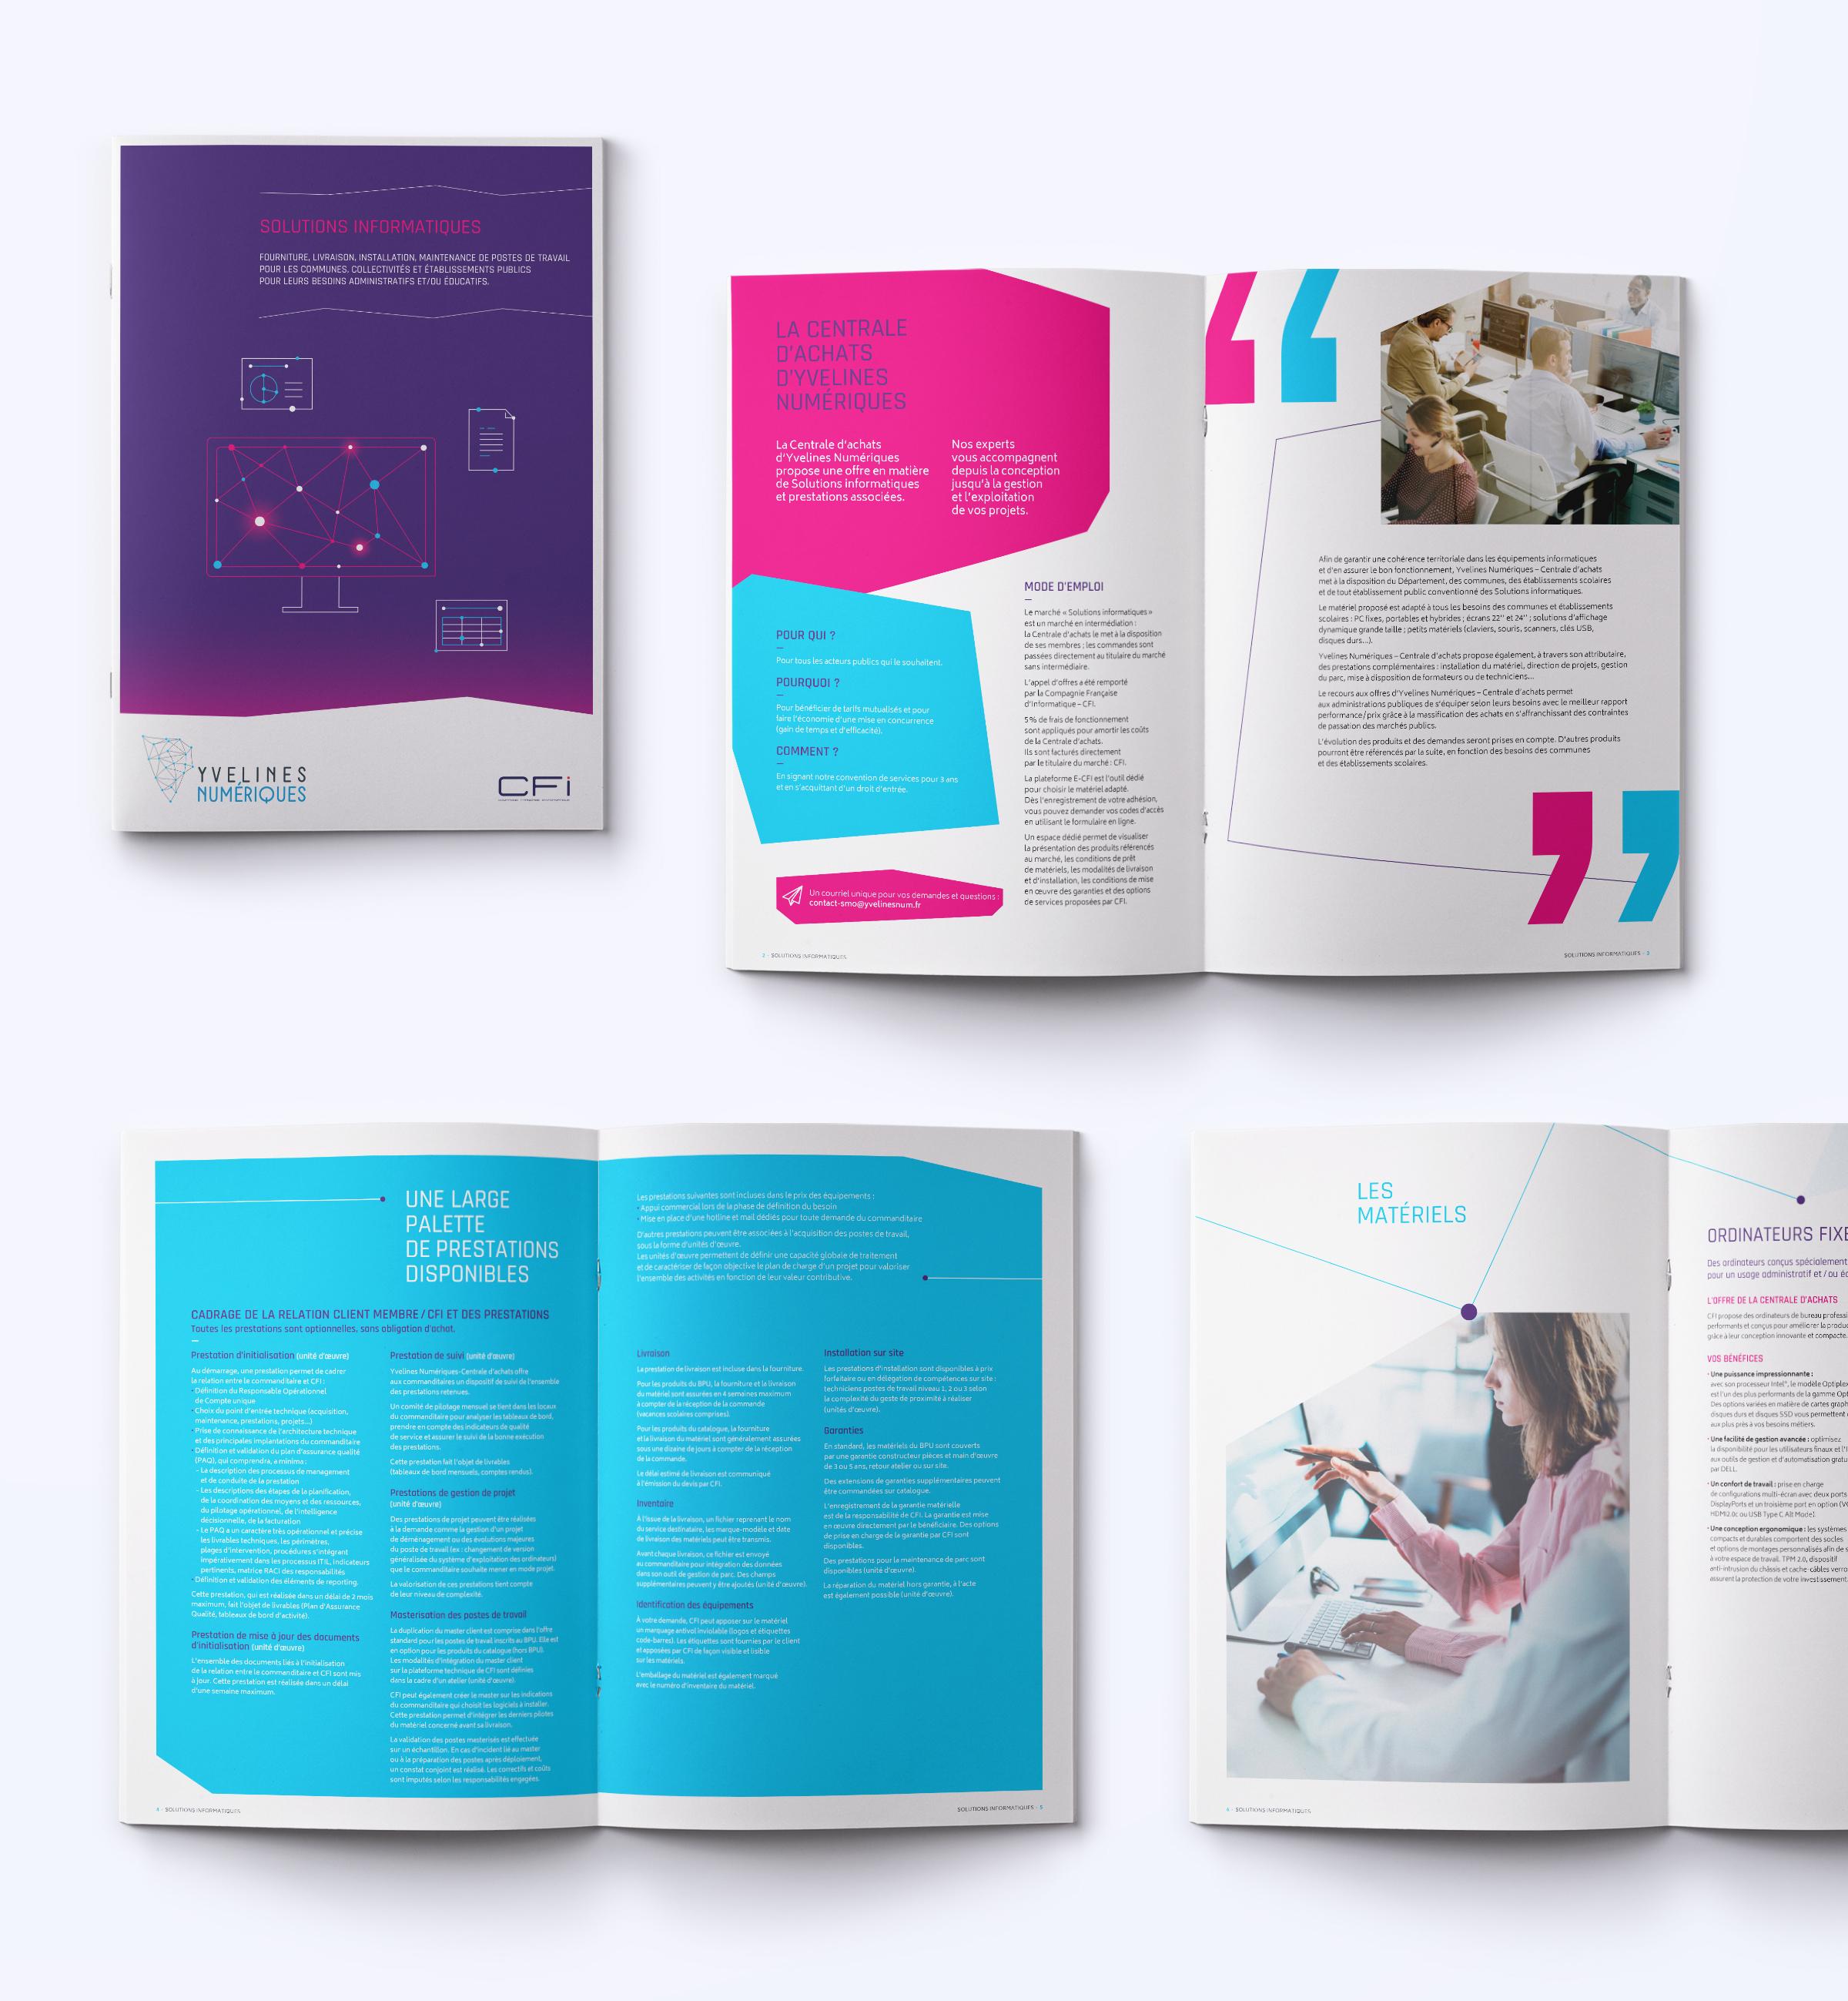 Yvelines numérique catalogue